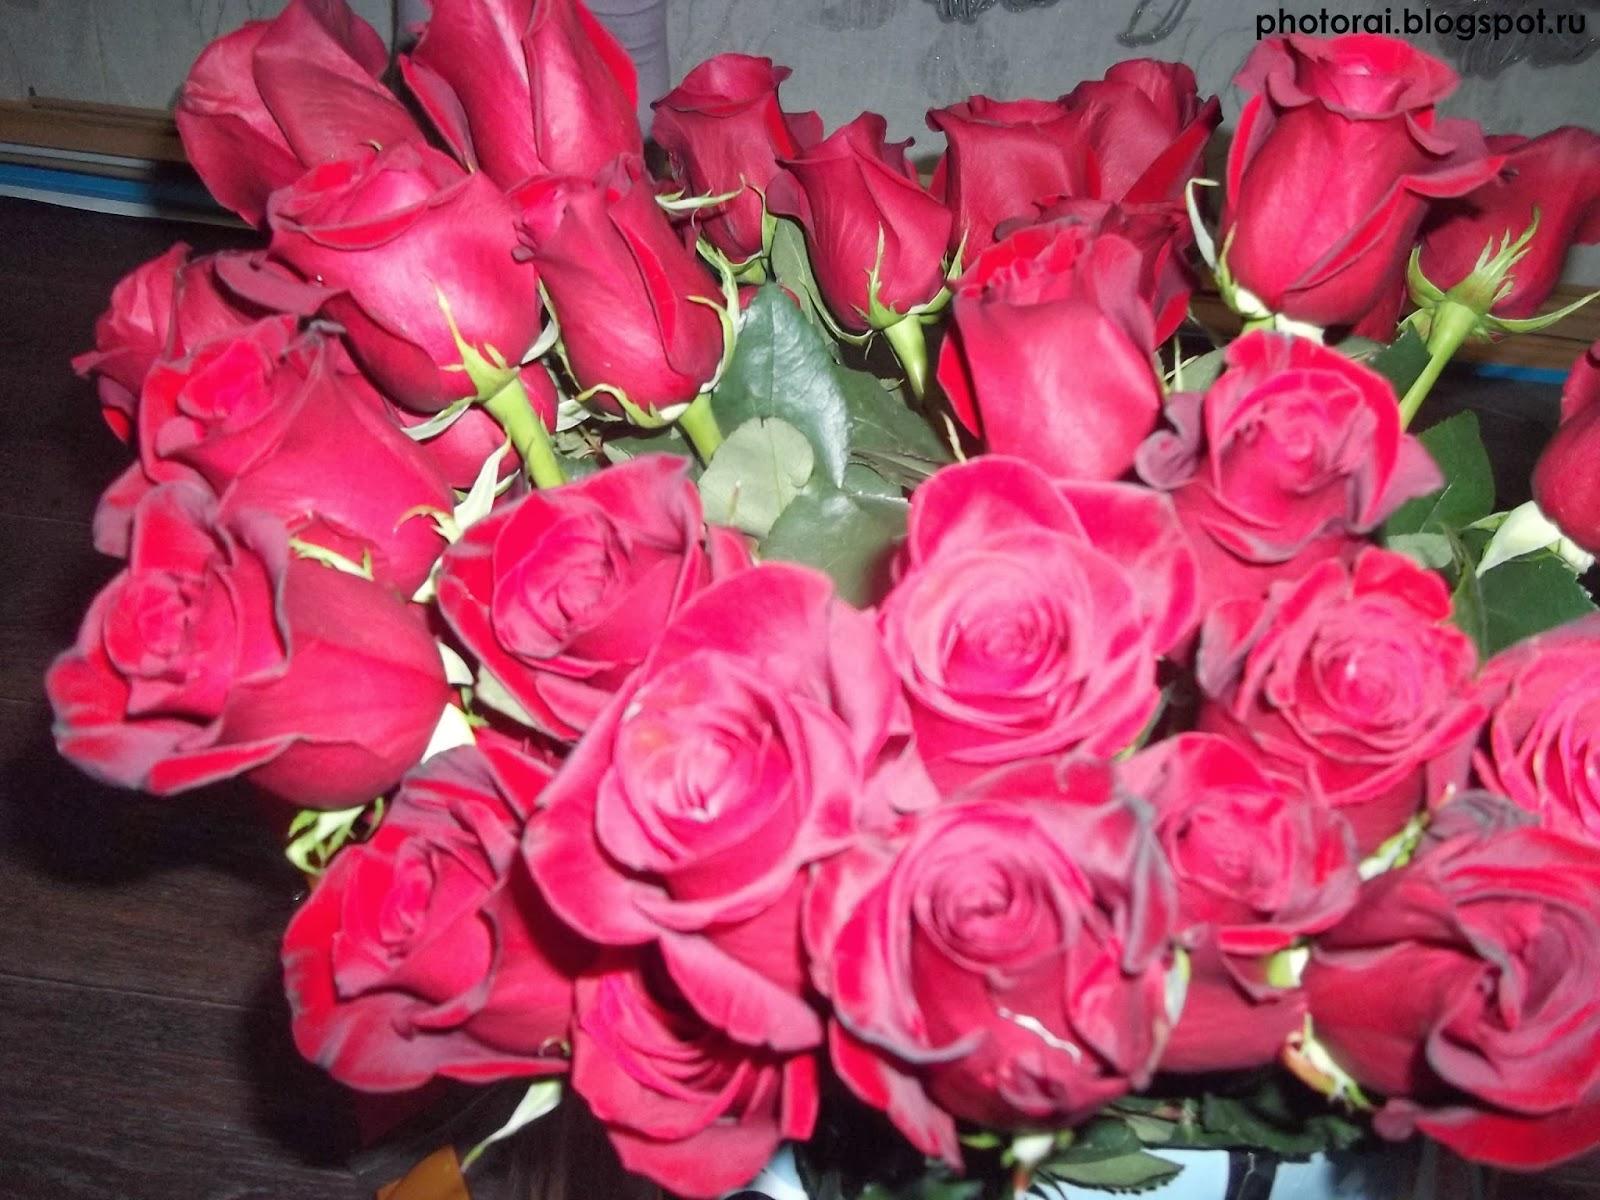 розы 38 штук